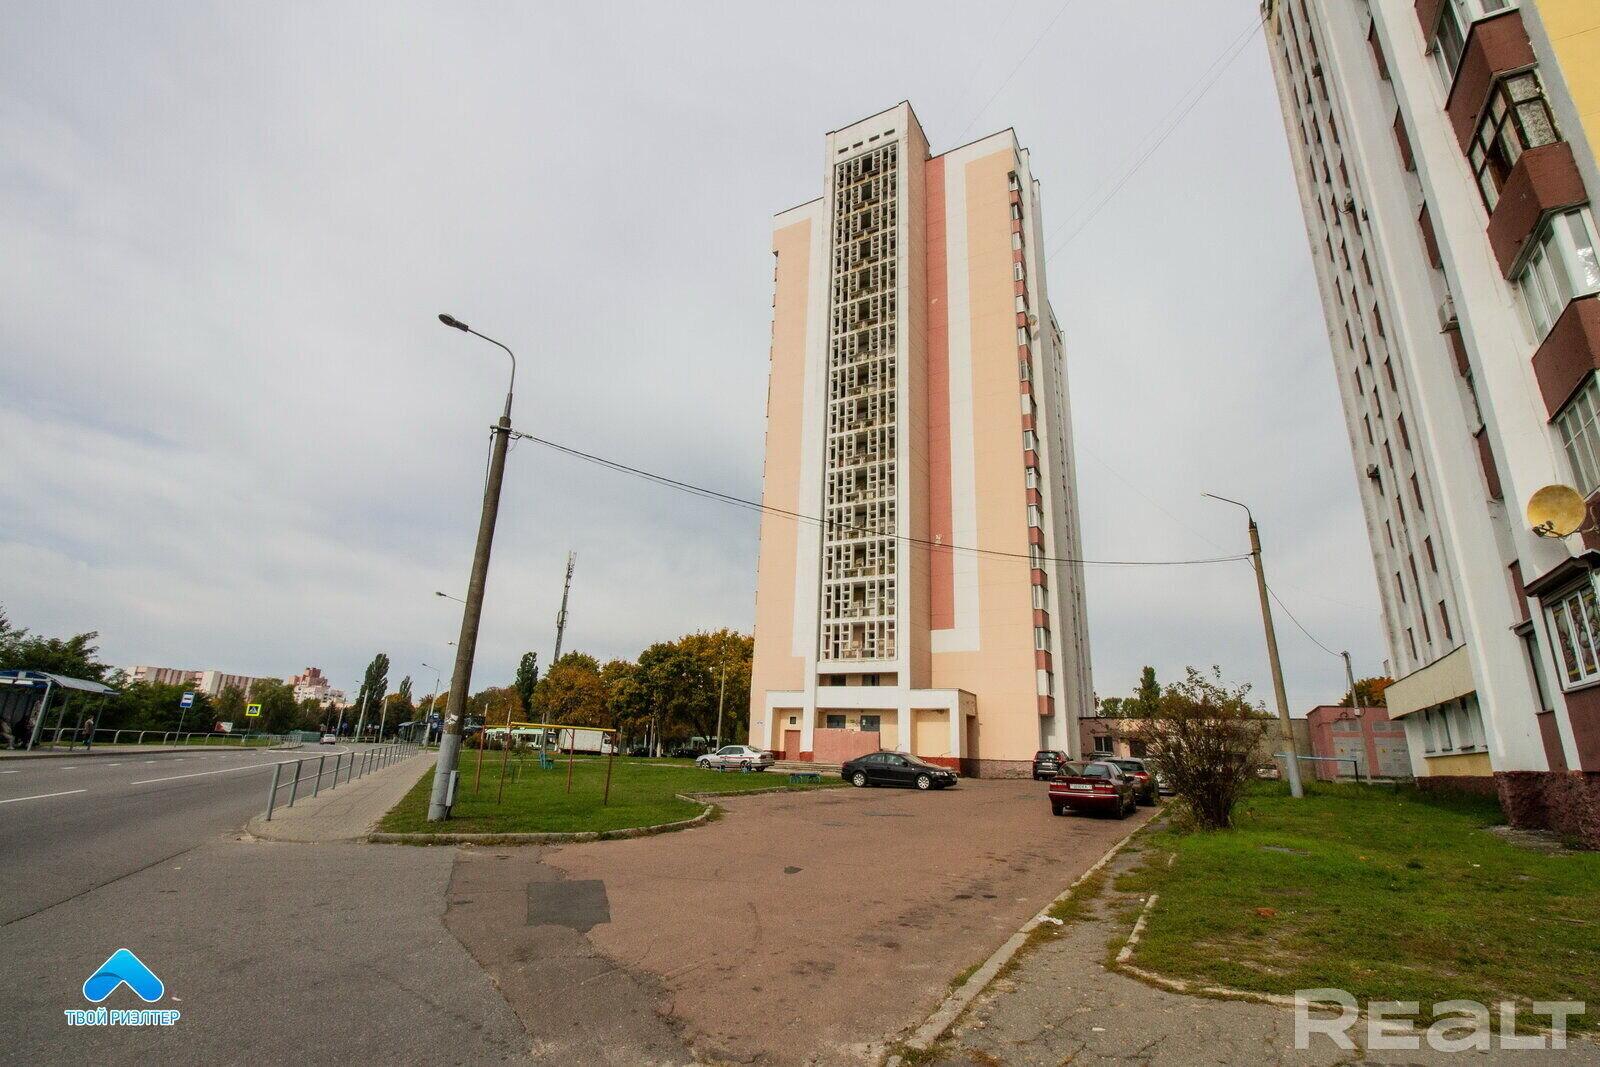 Продажа 1 комнатной квартиры в г. Гомеле, просп. Октября, дом 95 (р-н Фестивальный). Цена 46 168 руб